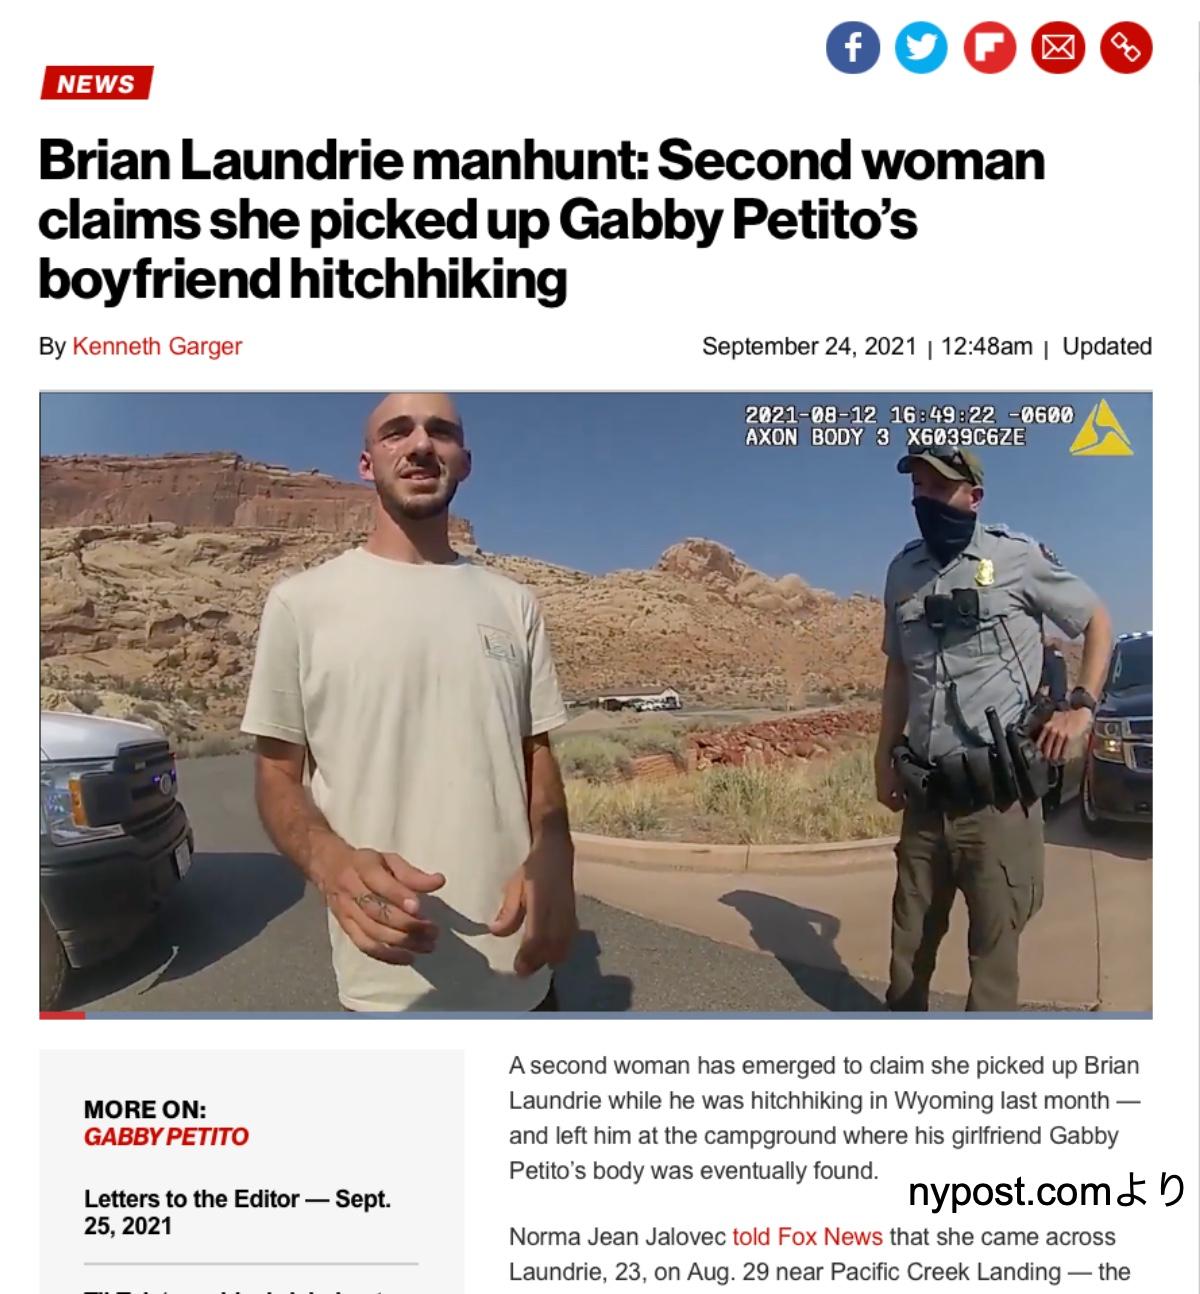 殺害が疑われている婚約者ブライアン